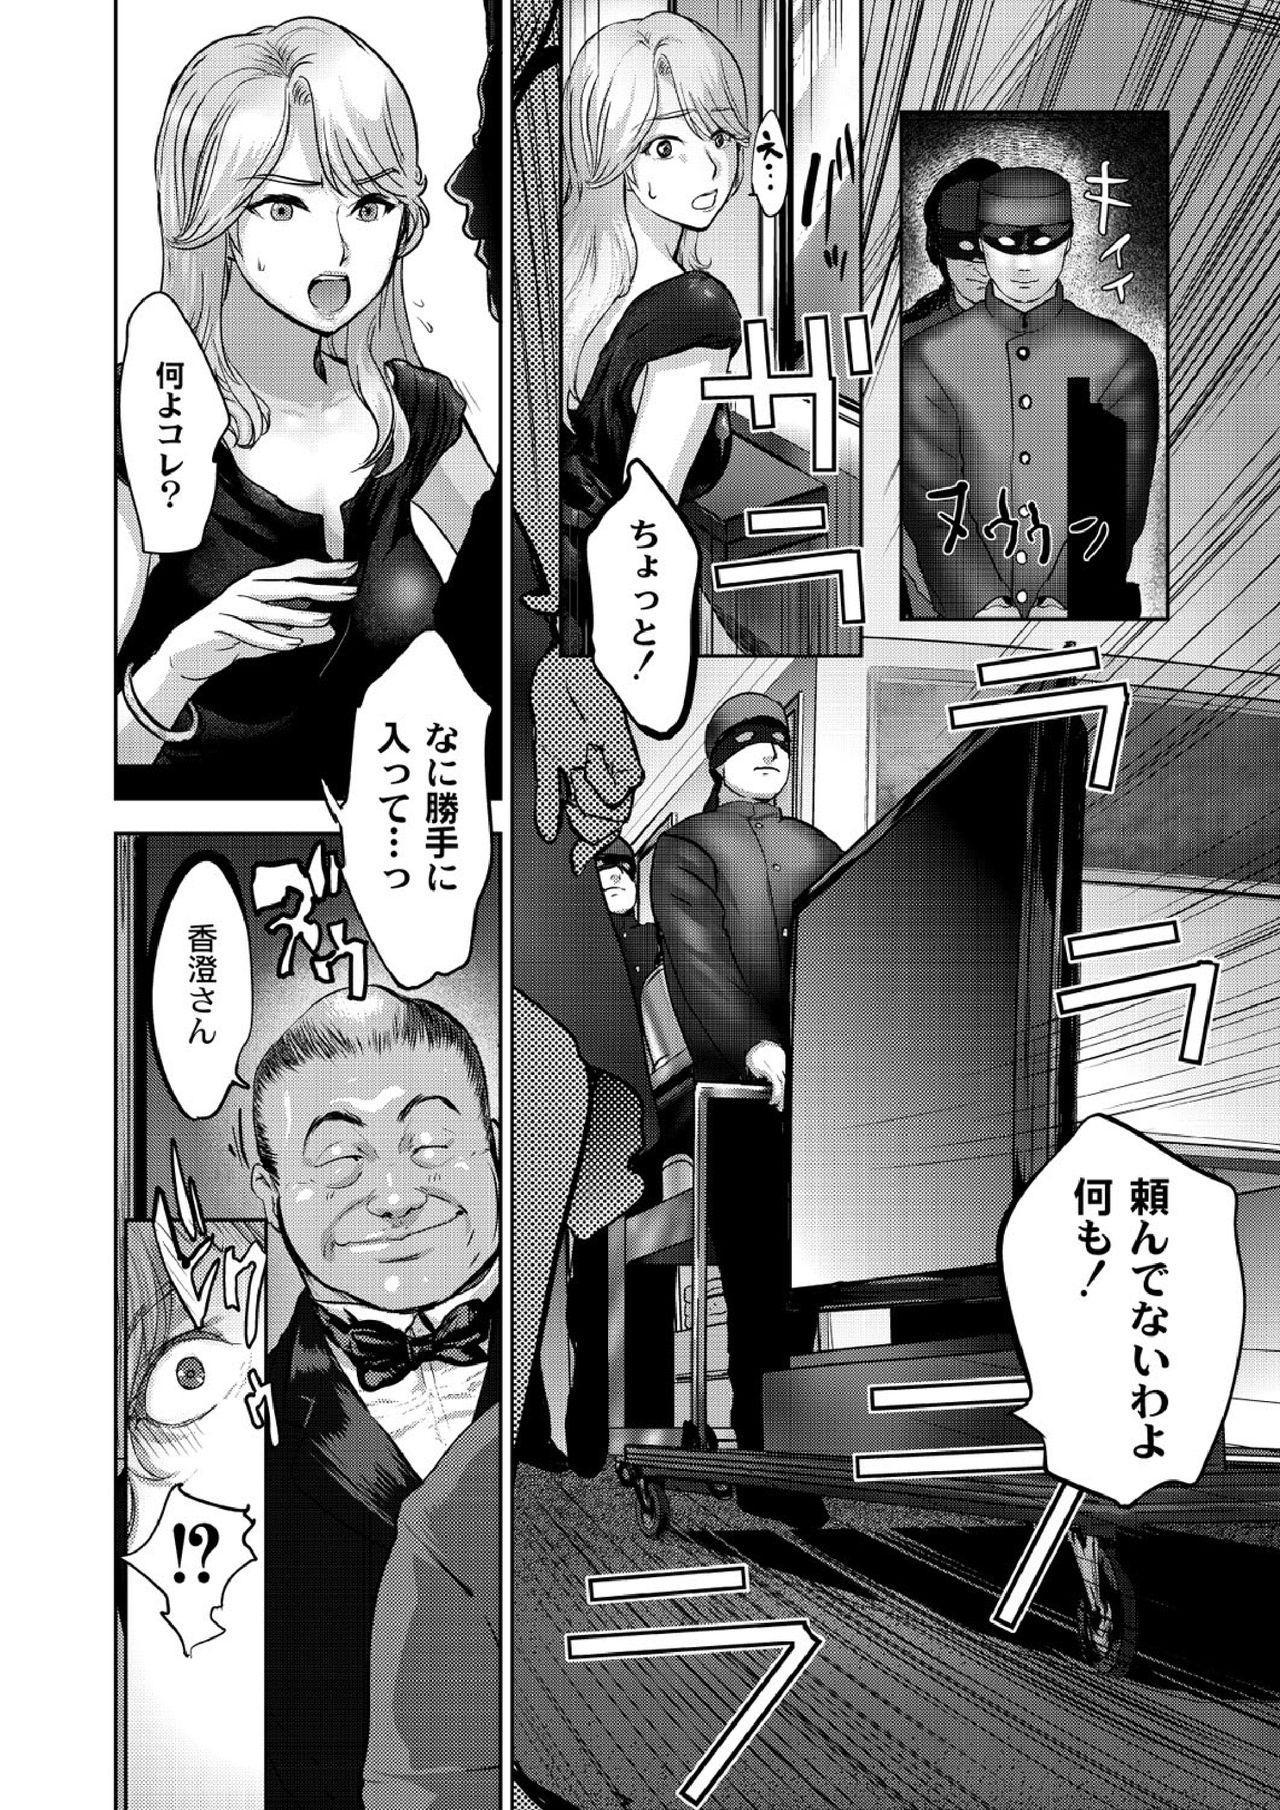 豪華客船ツアー~狩られる女たち~vol.5 5